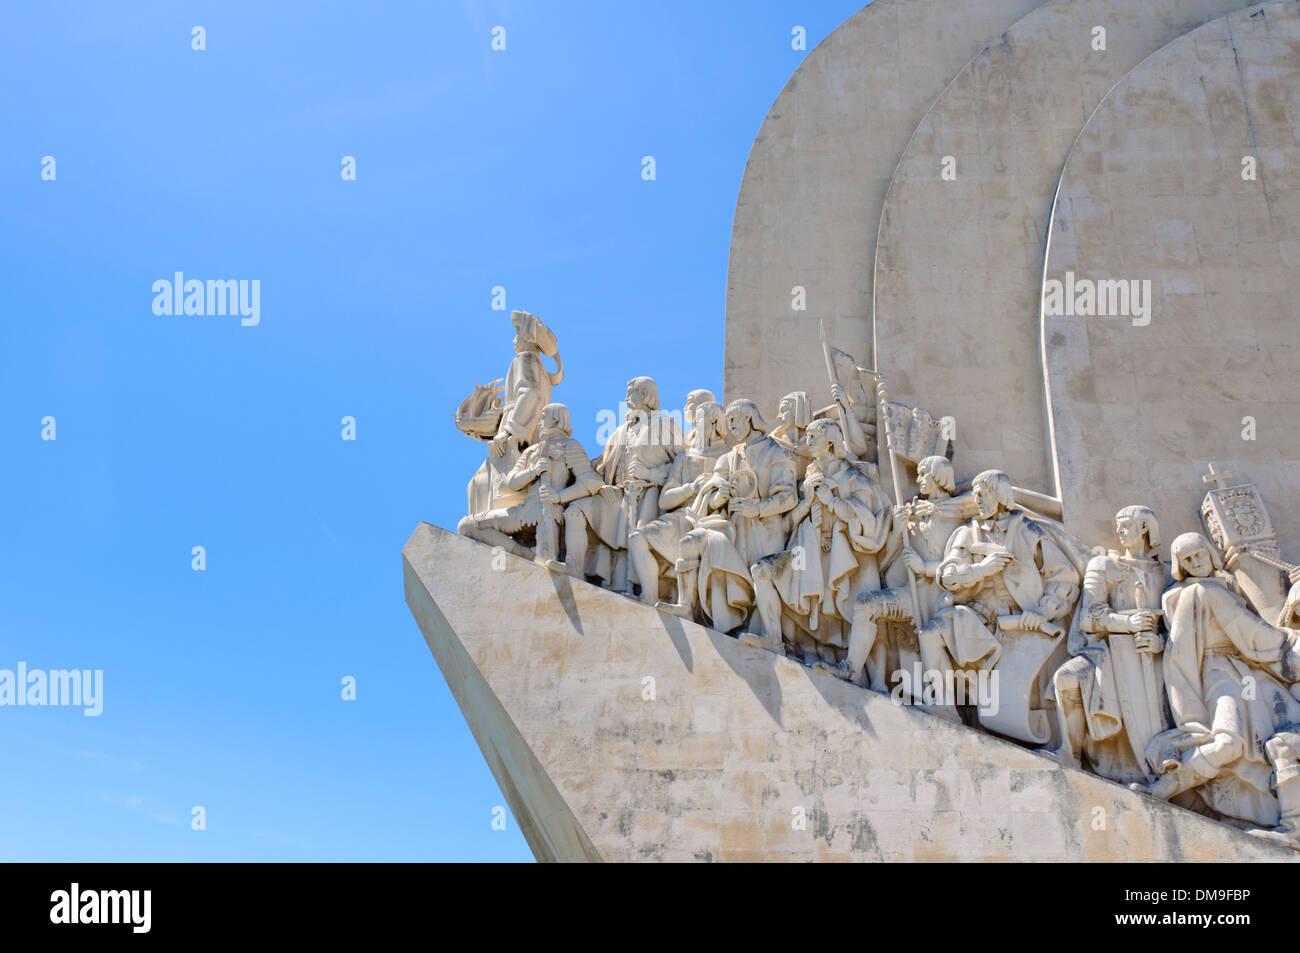 Il Monumento delle Scoperte, Padrão dos Descobrimentos, Lisbona, Portogallo, Europa Immagini Stock